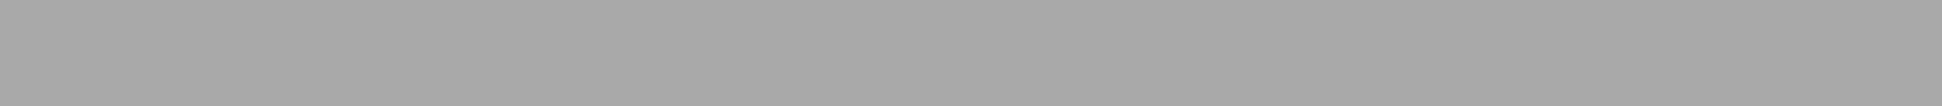 Bare-Escentuals-gray